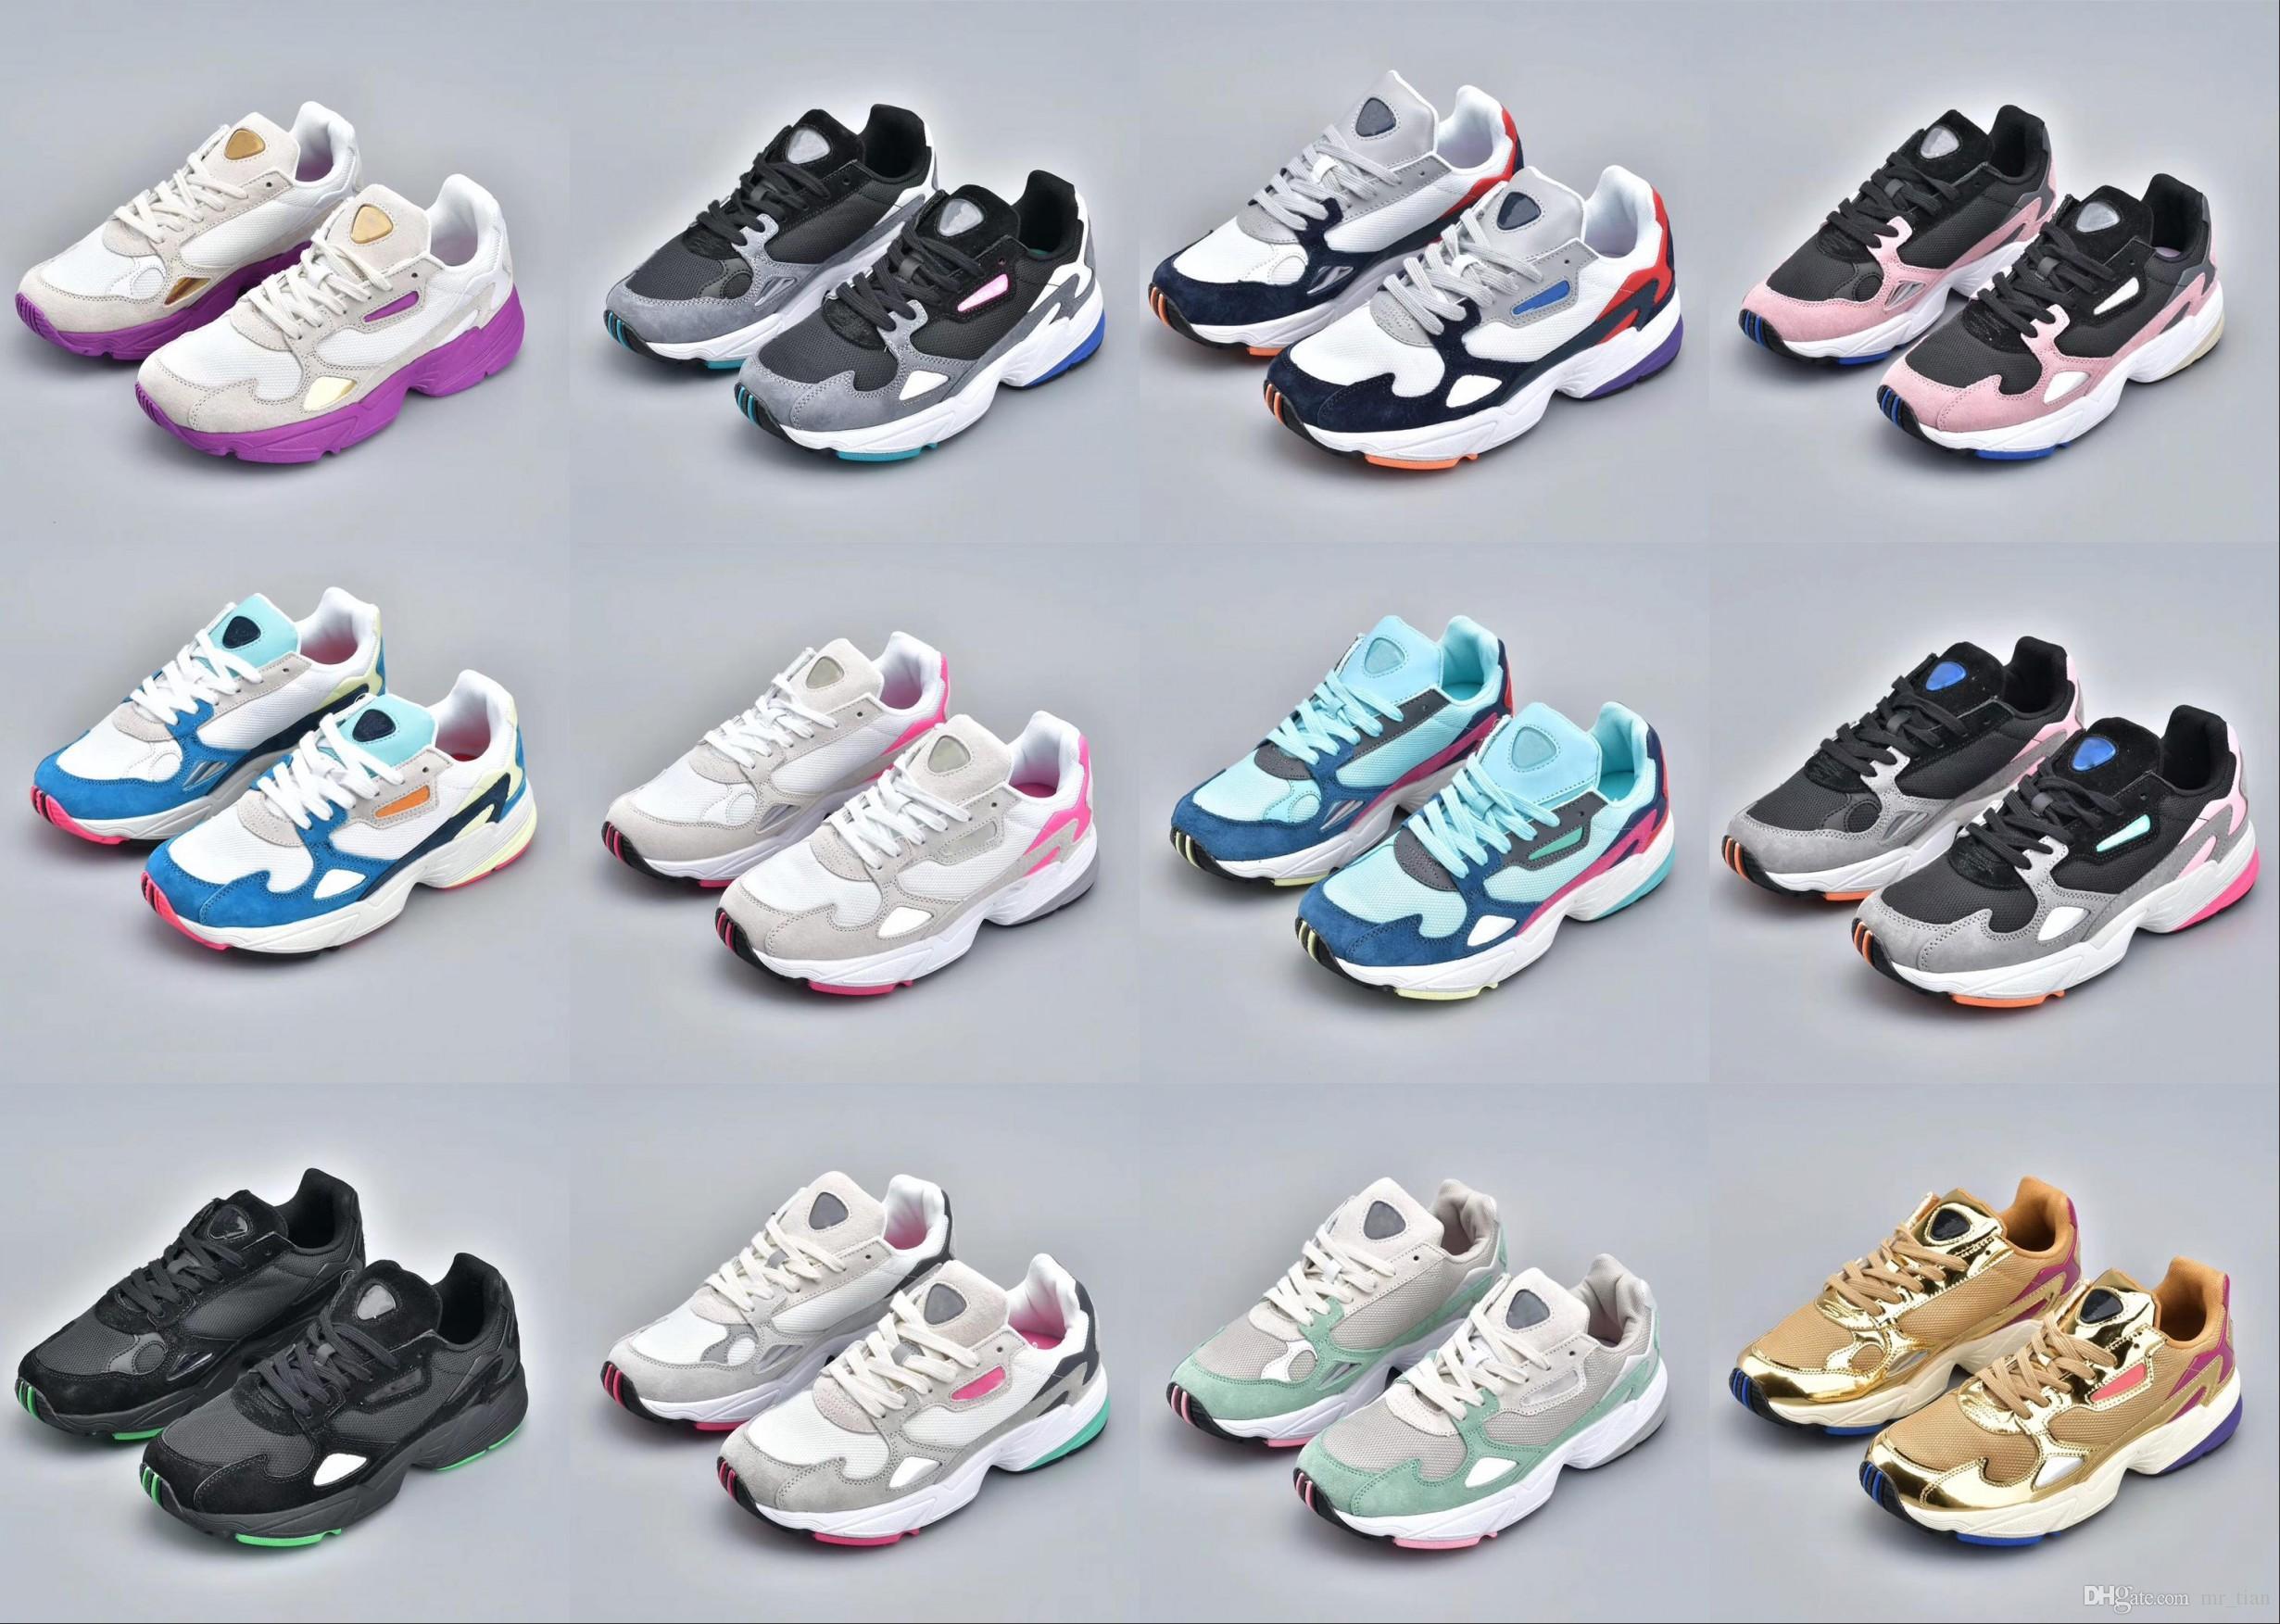 new product 4a3e8 b558d Mizuno Running Adidas Falcon W Running Shoes 2019 NUOVA Alta Qualità Prezzo  Basso FALCON W Scarpe Da Corsa Da Uomo E Da Donna, Scarpe Casual Da Sport  Taglia ...